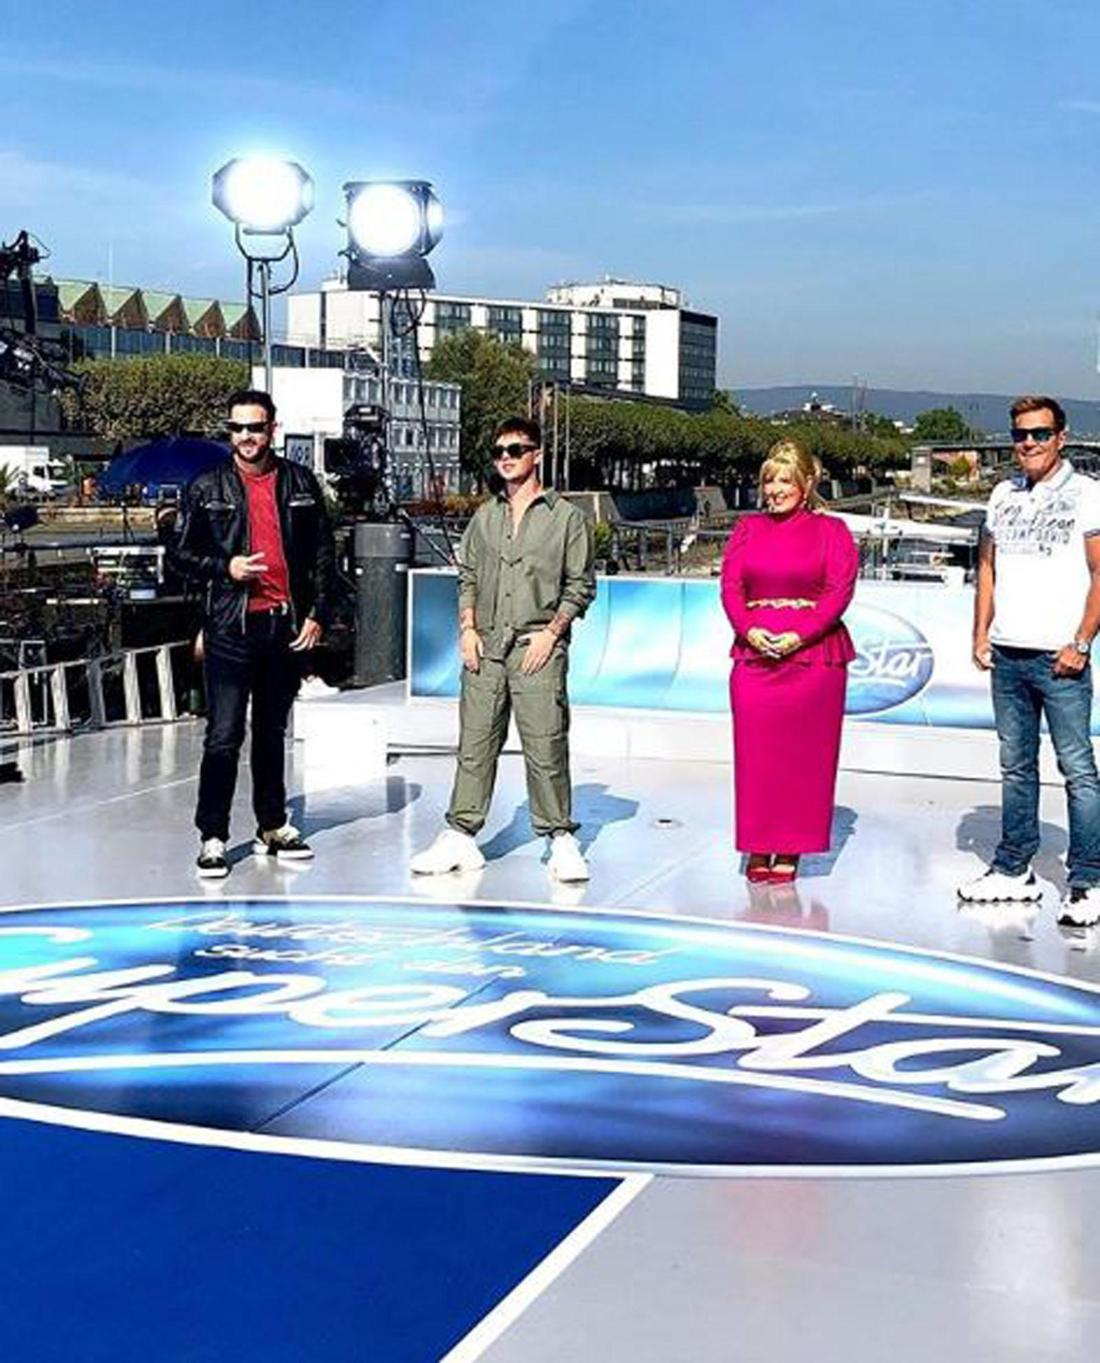 Die vier Jury-Mitglieder stehen an Board eines Schiffes